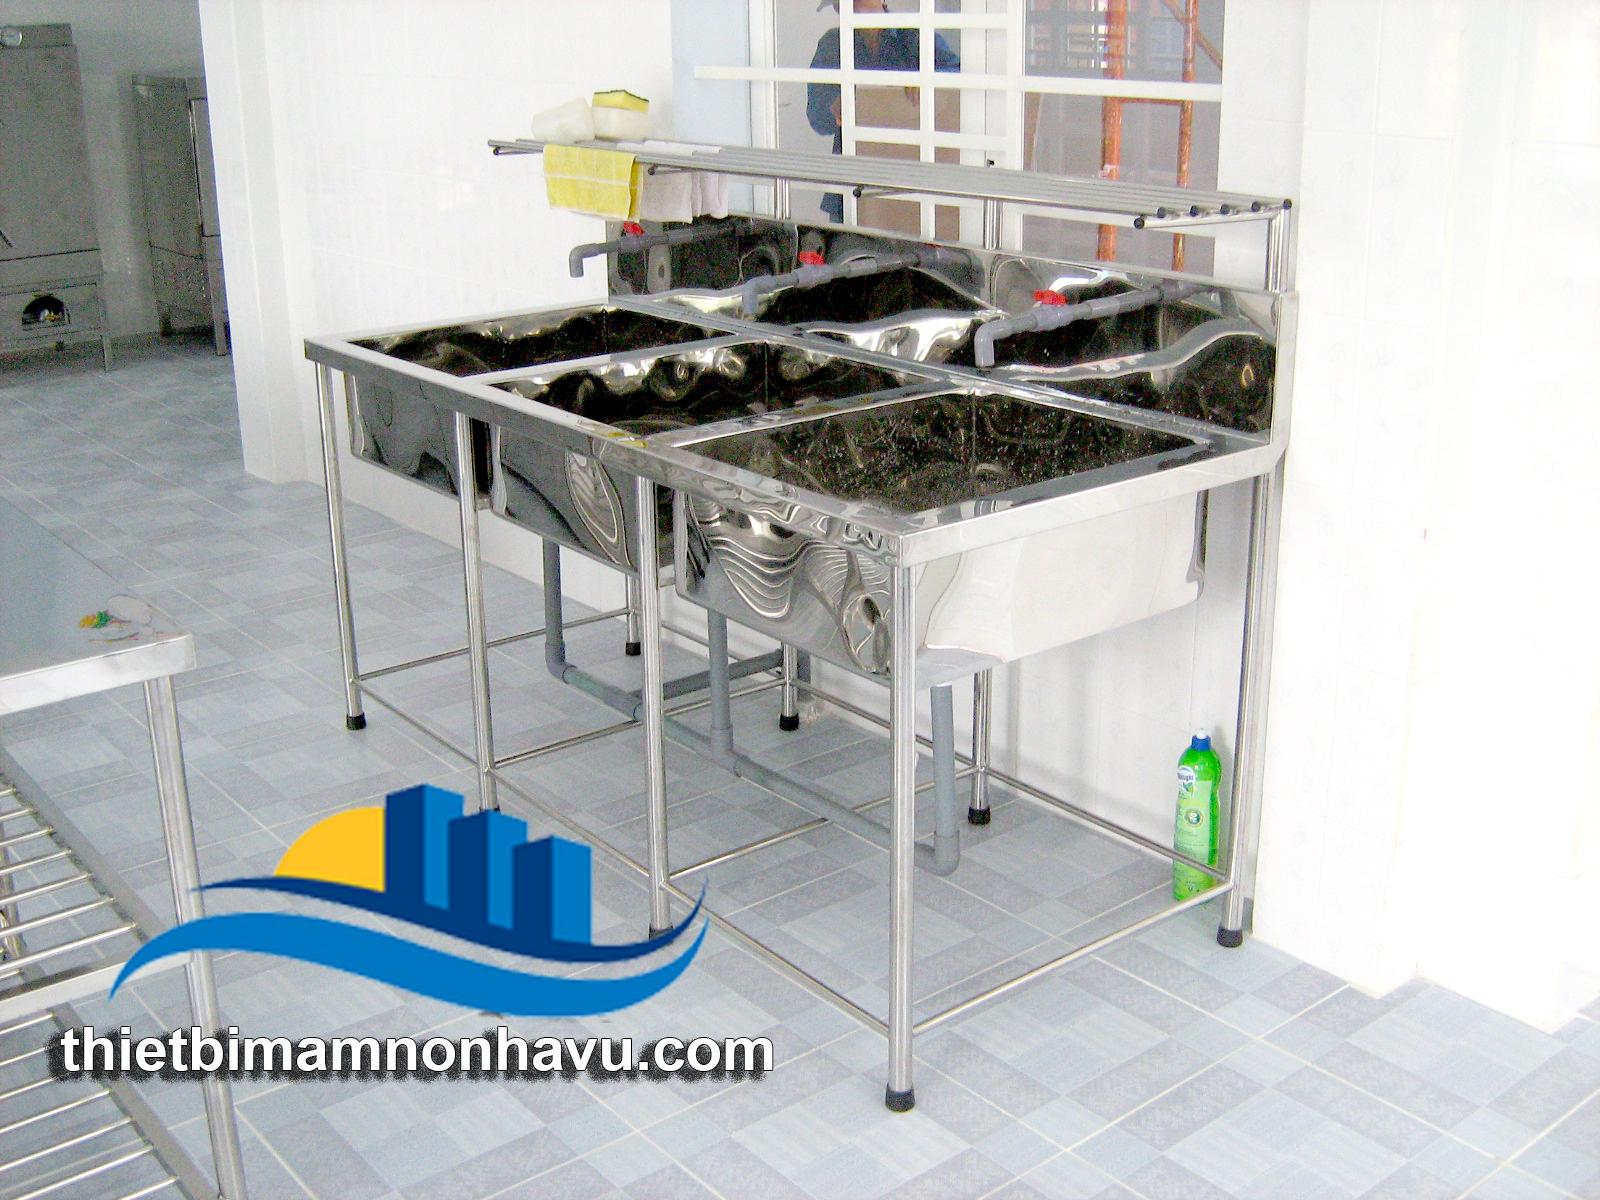 Bồn rửa thực phẩm 3 ngăn